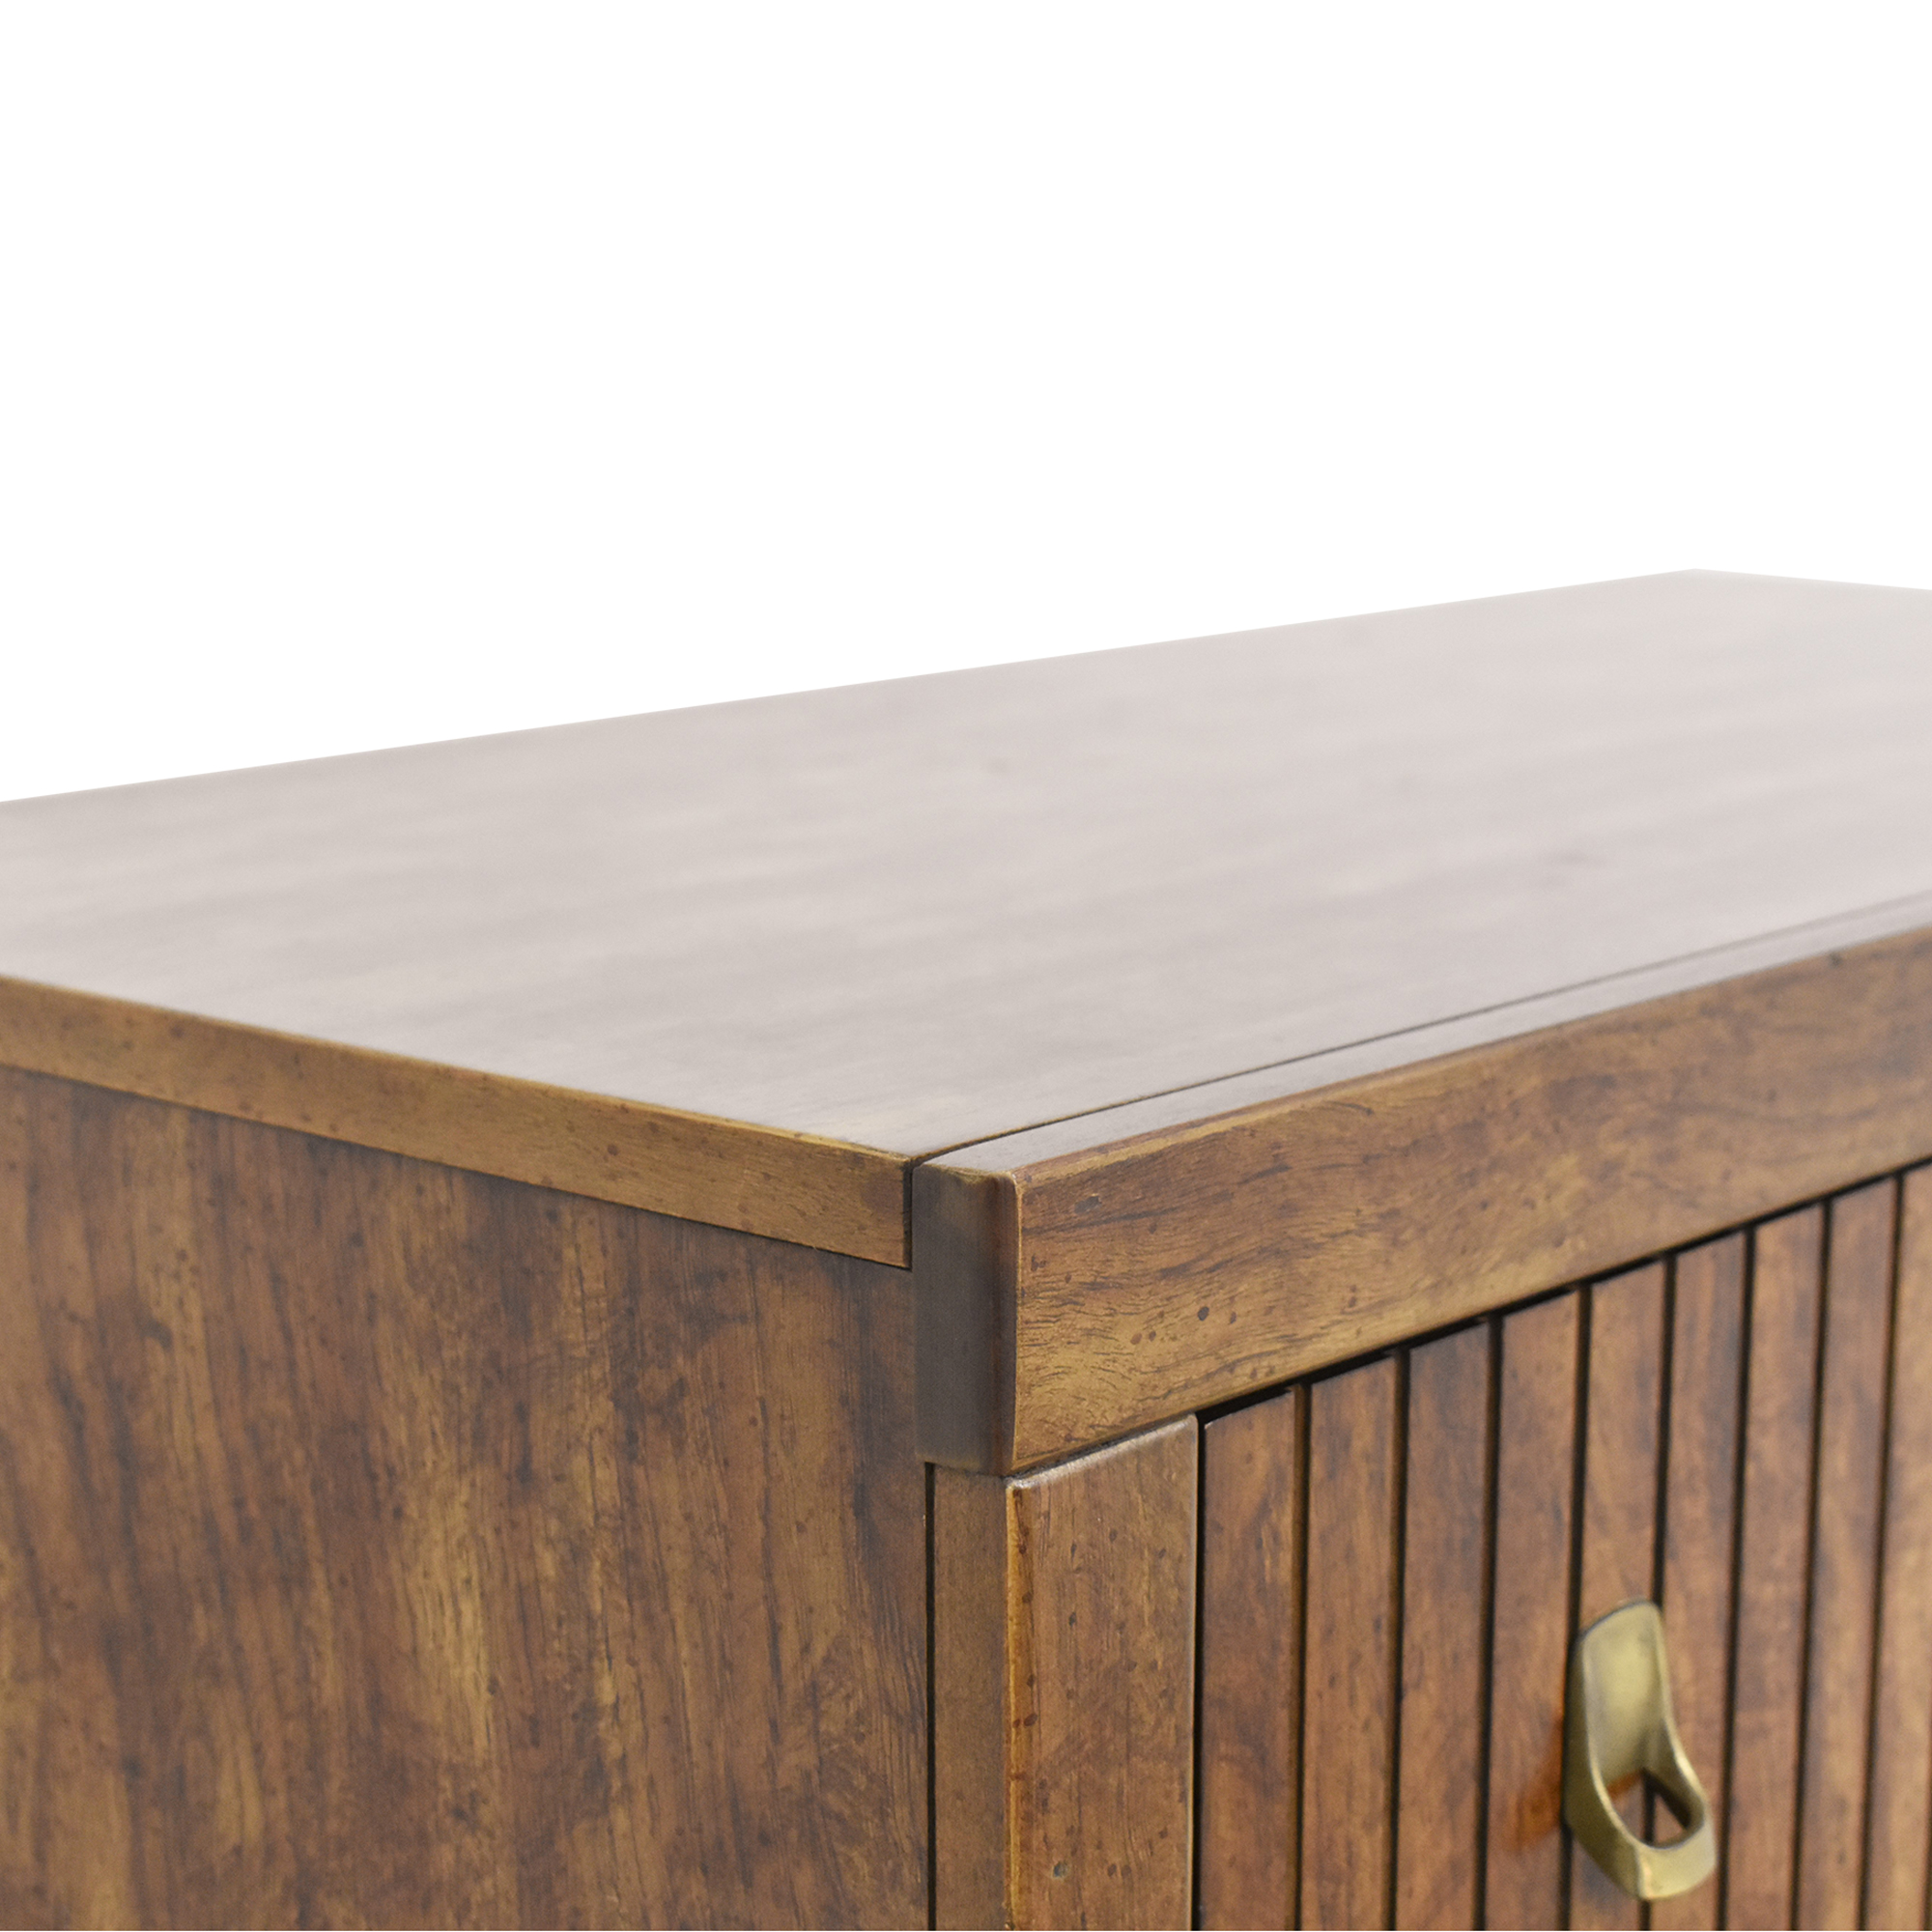 Bassett Furniture Bassett Five Drawer Chest dimensions